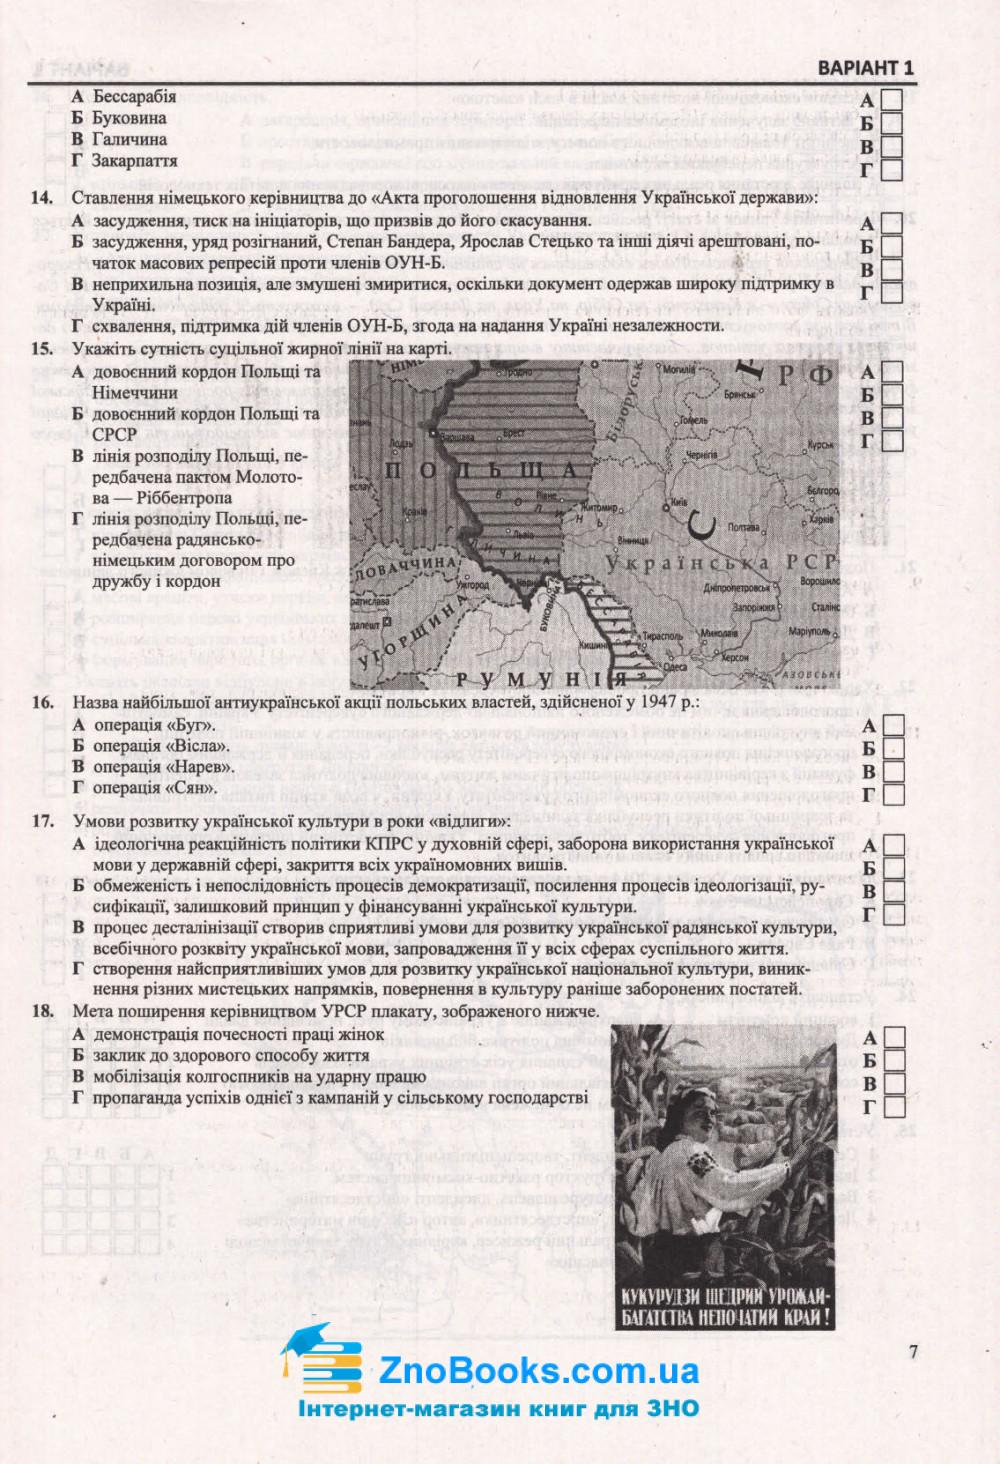 ЗНО 2022 Історія України. Тренажер : Панчук І. Підручники і посібники. купити  7